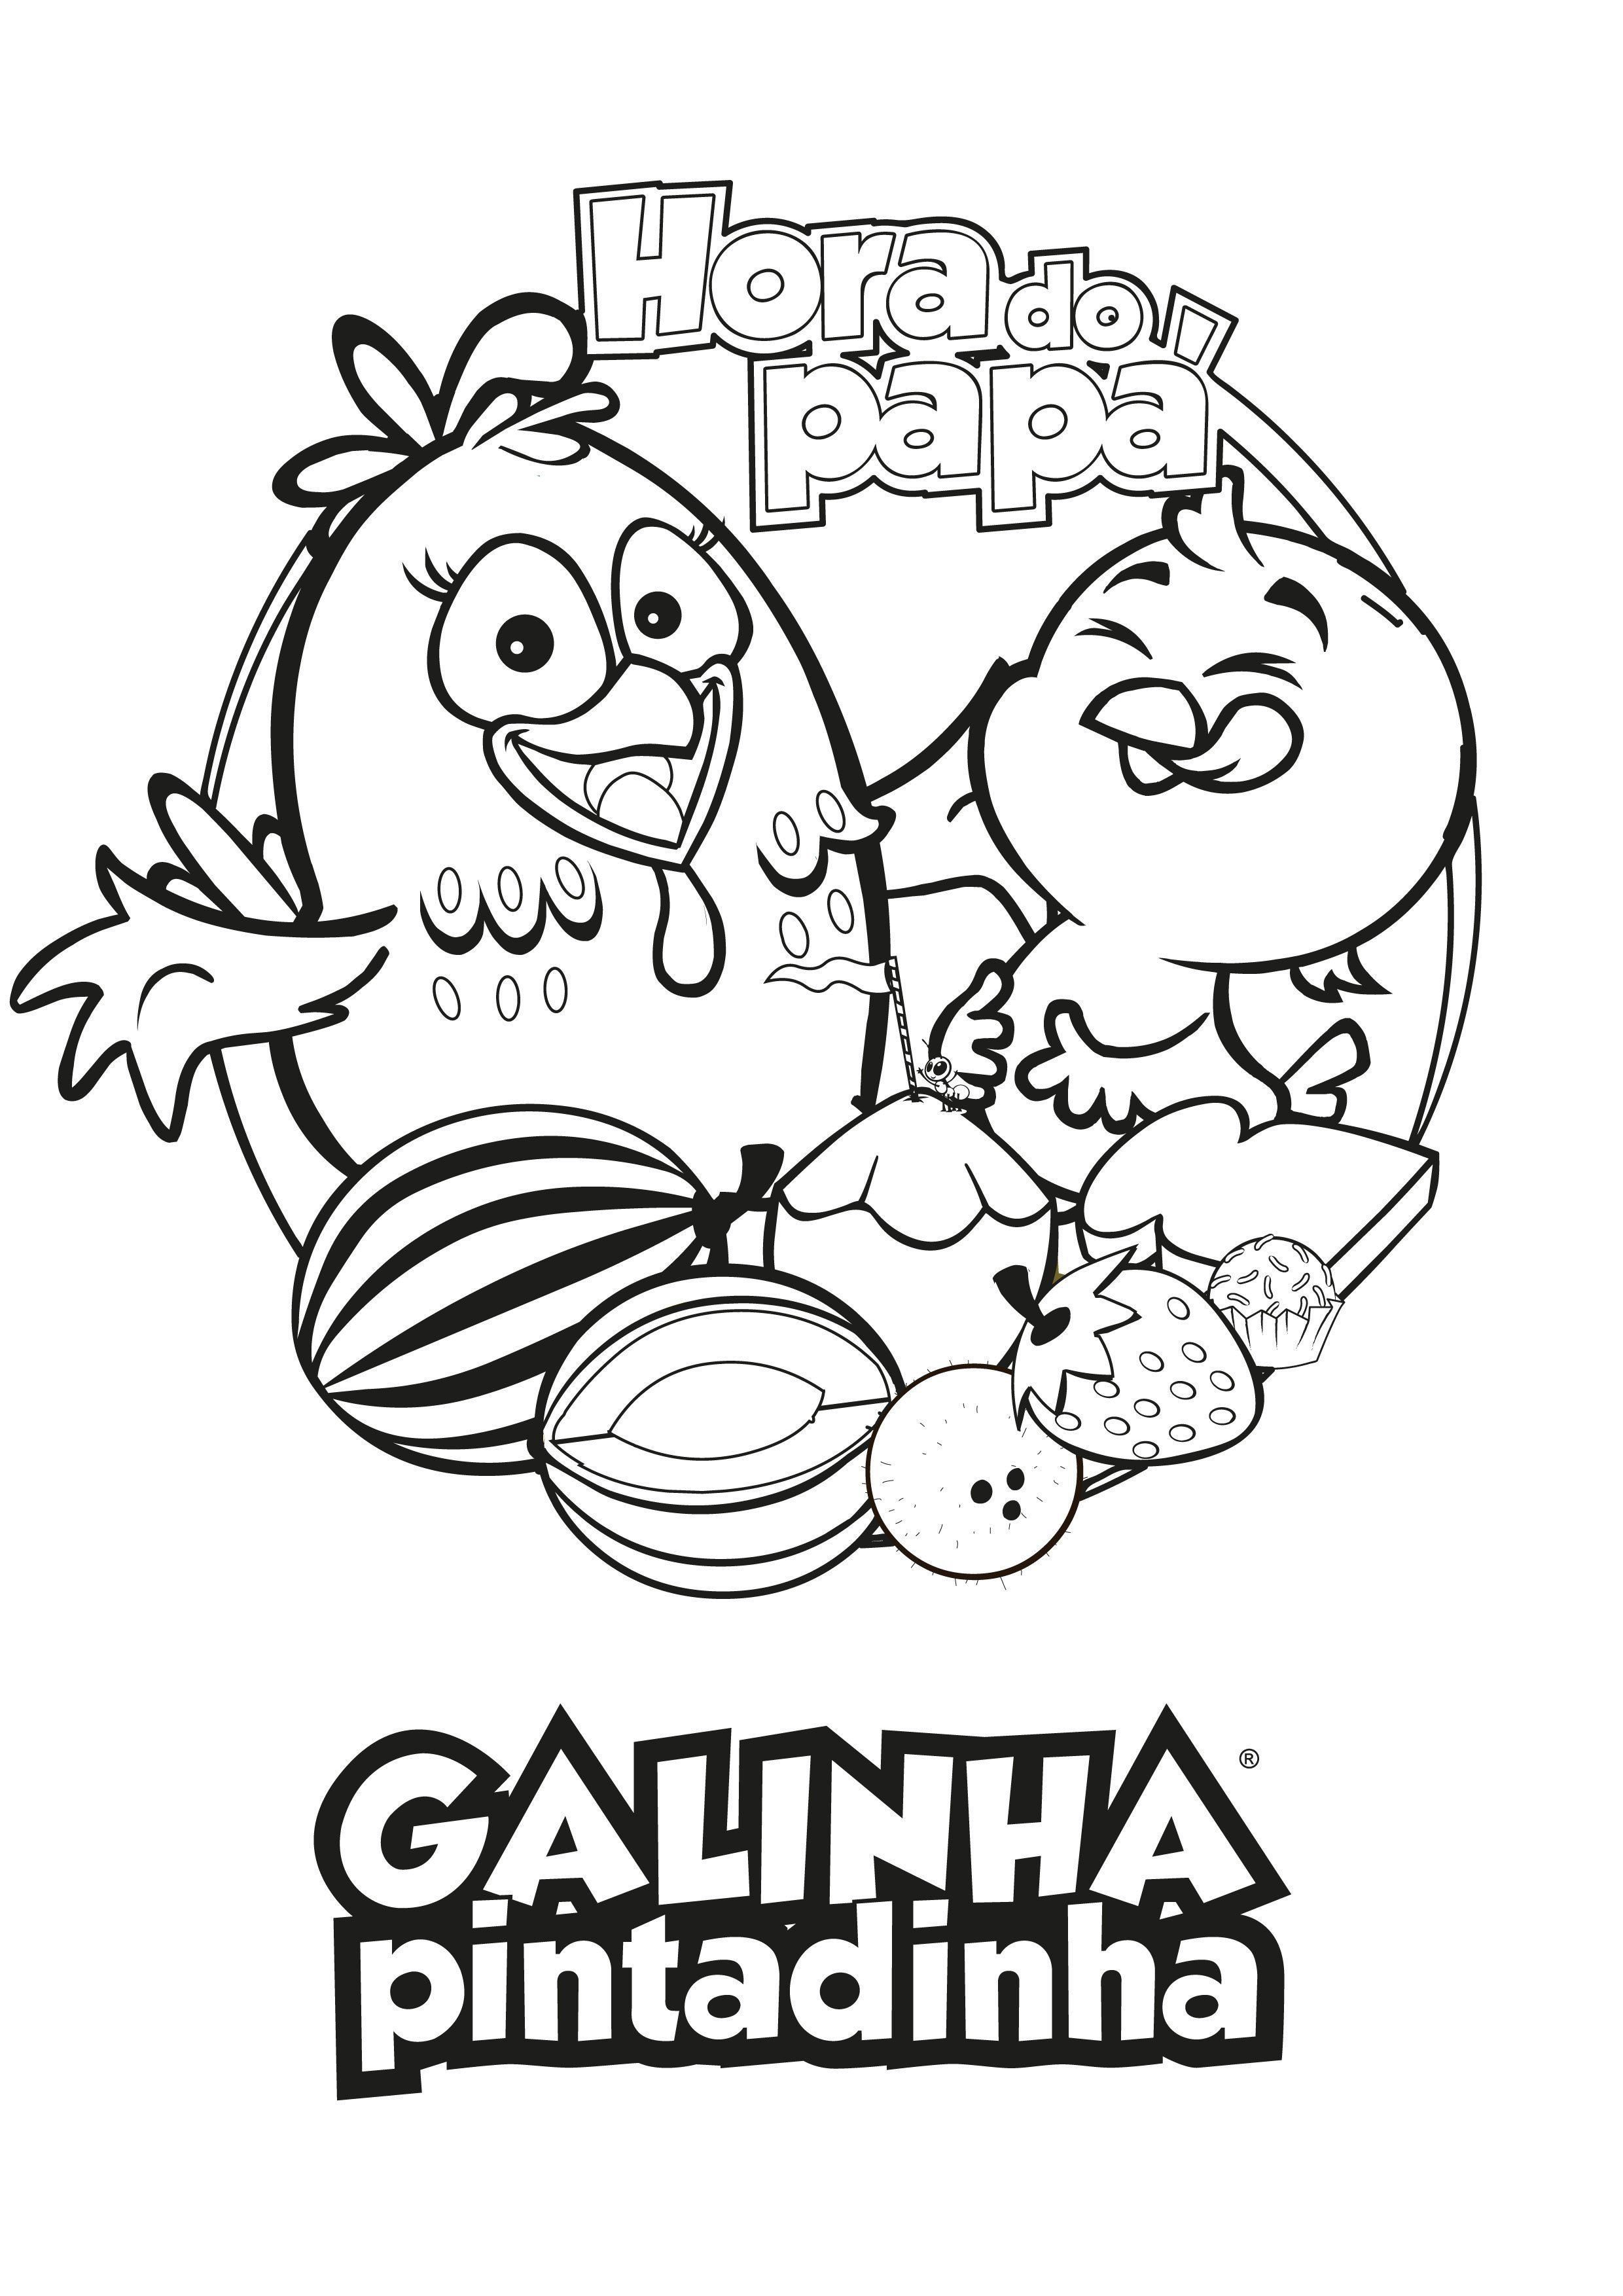 Pin De Lmi Kids Disney Em Lottie Dottie Galinha Pintadinha Com